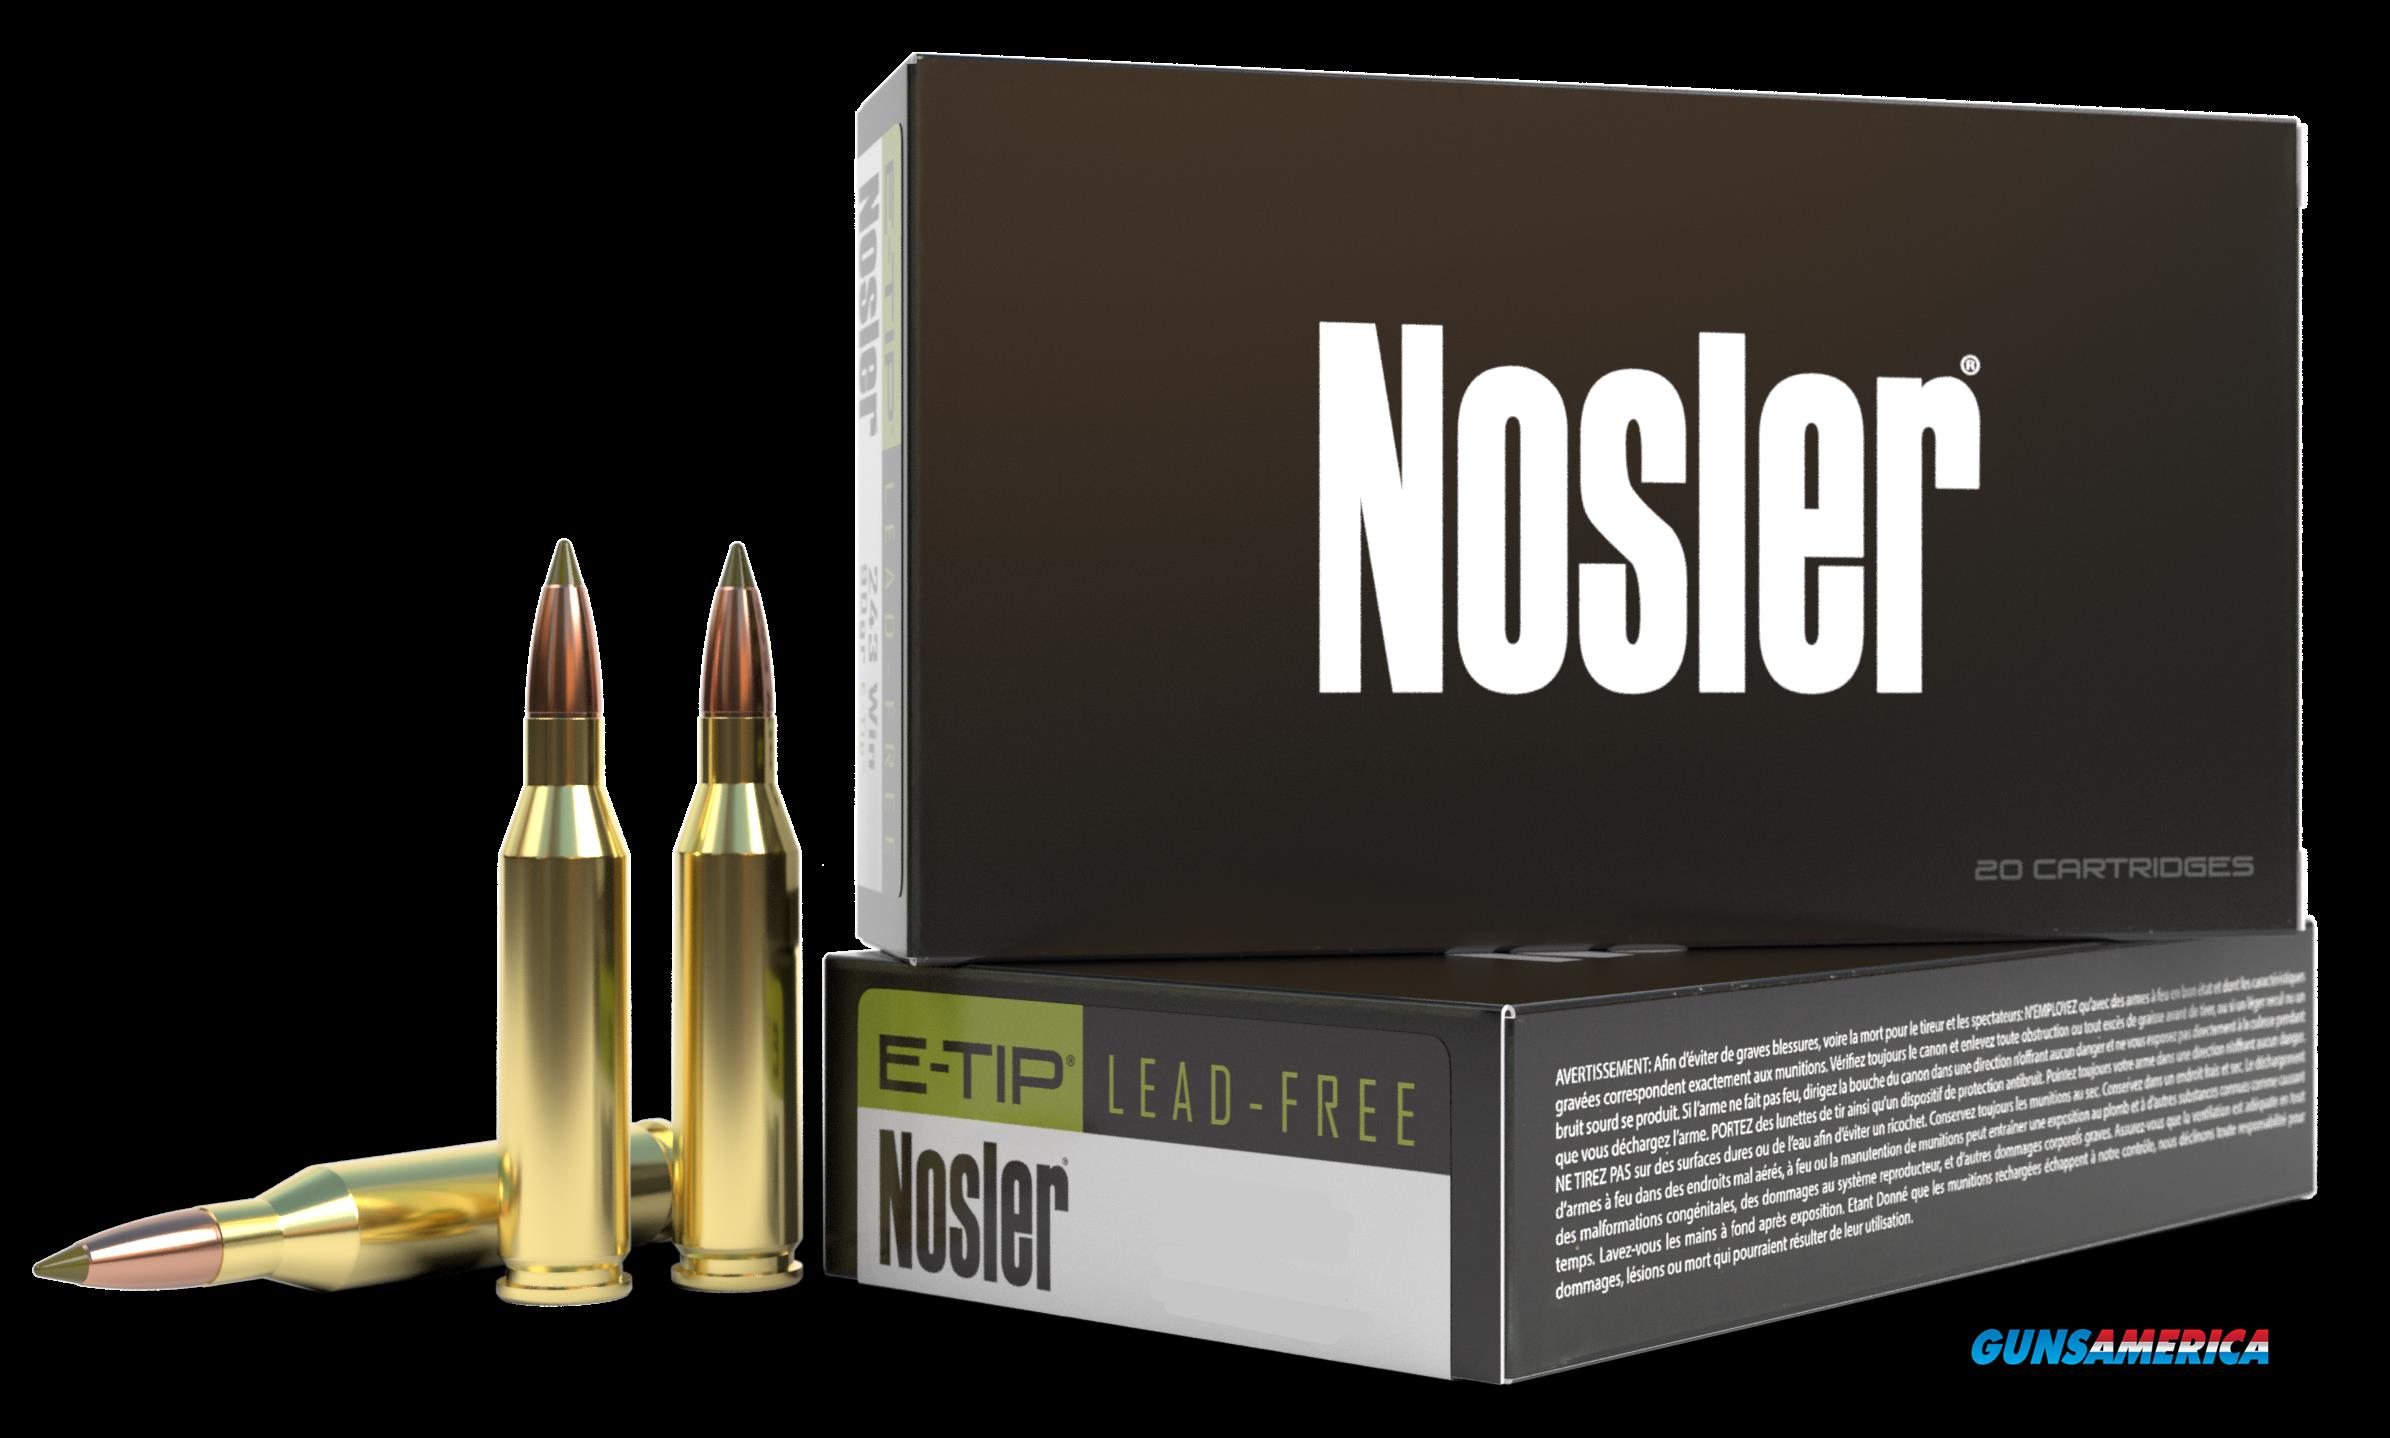 Nosler E-tip, Nos 40042 E-tip  33 Nos   225 E-tip          20-10  Guns > Pistols > 1911 Pistol Copies (non-Colt)